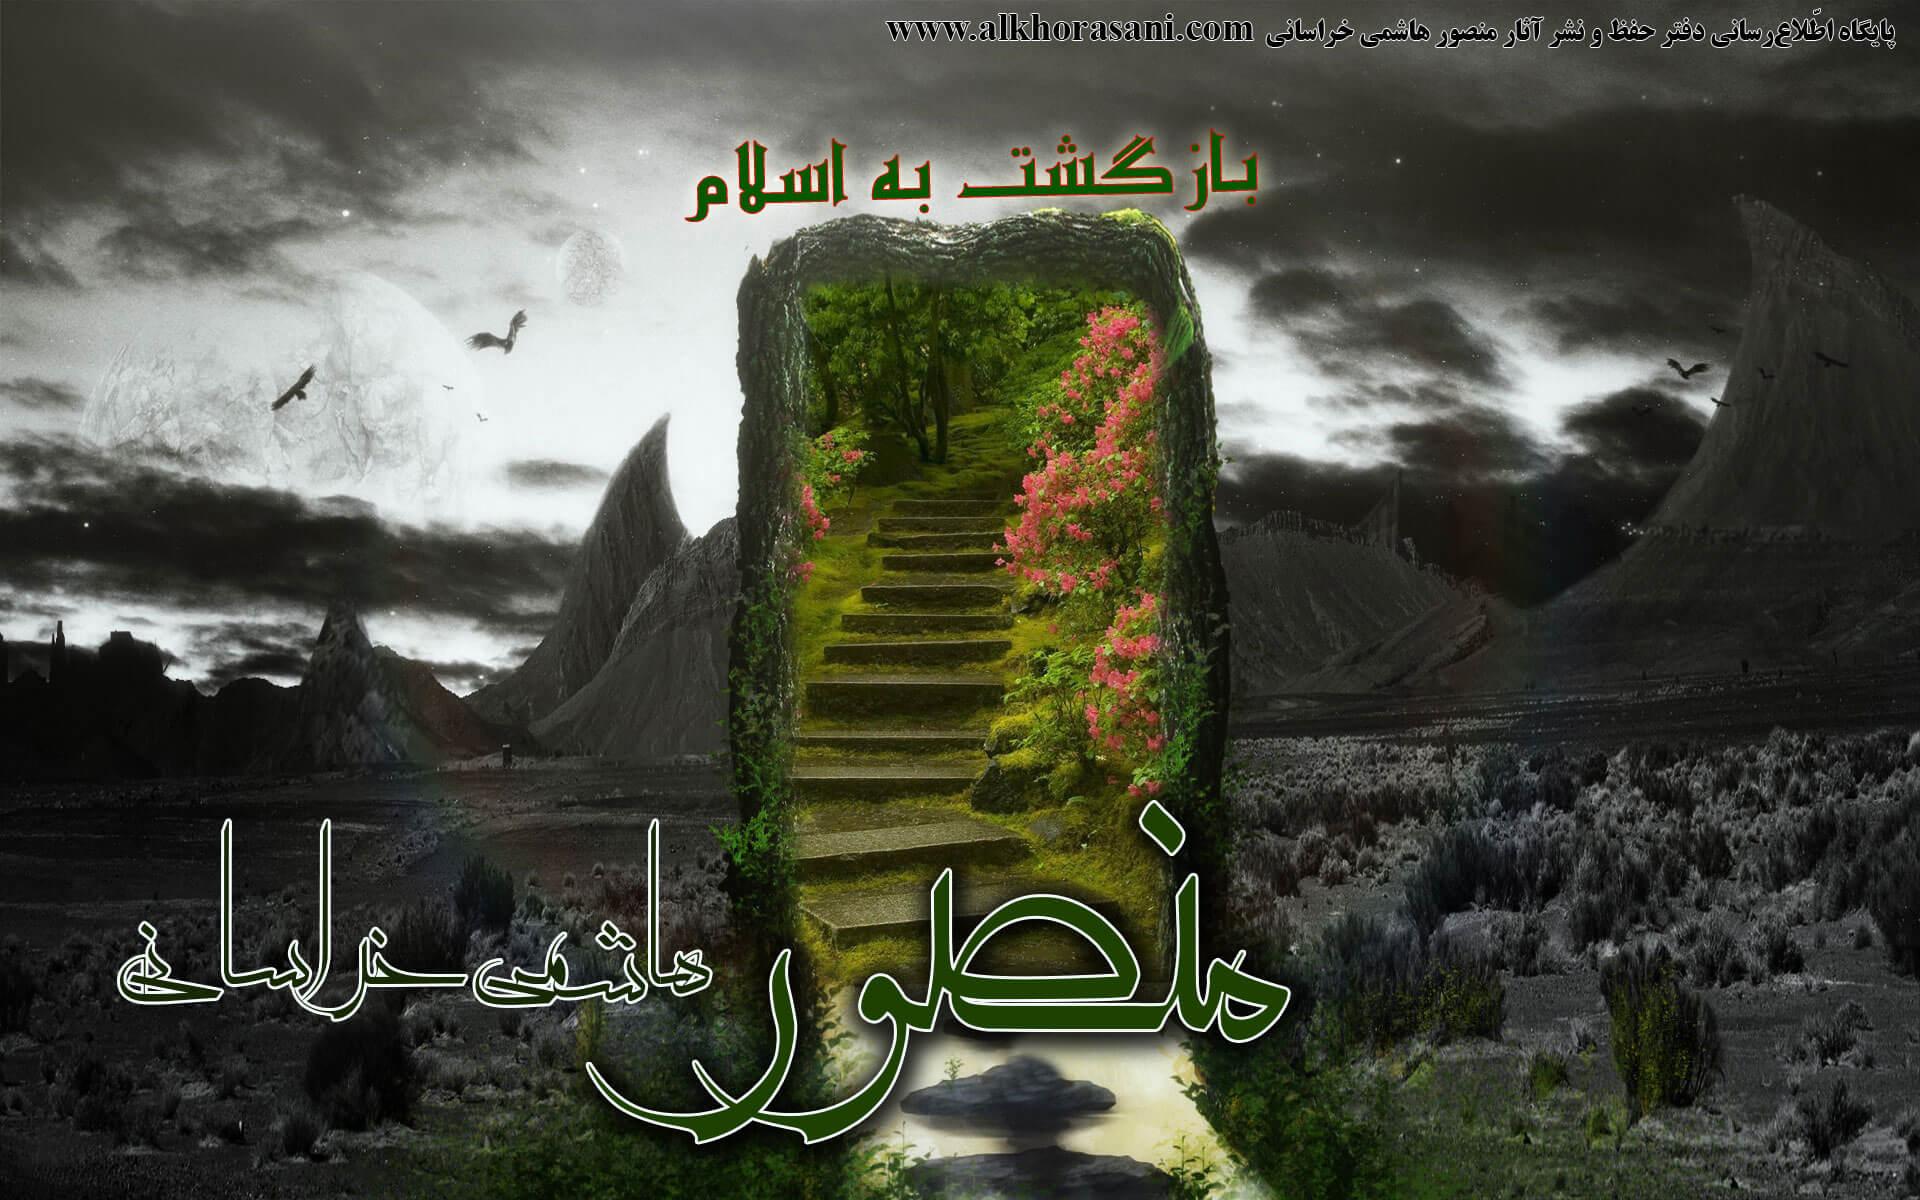 کتاب «بازگشت به اسلام» (5)